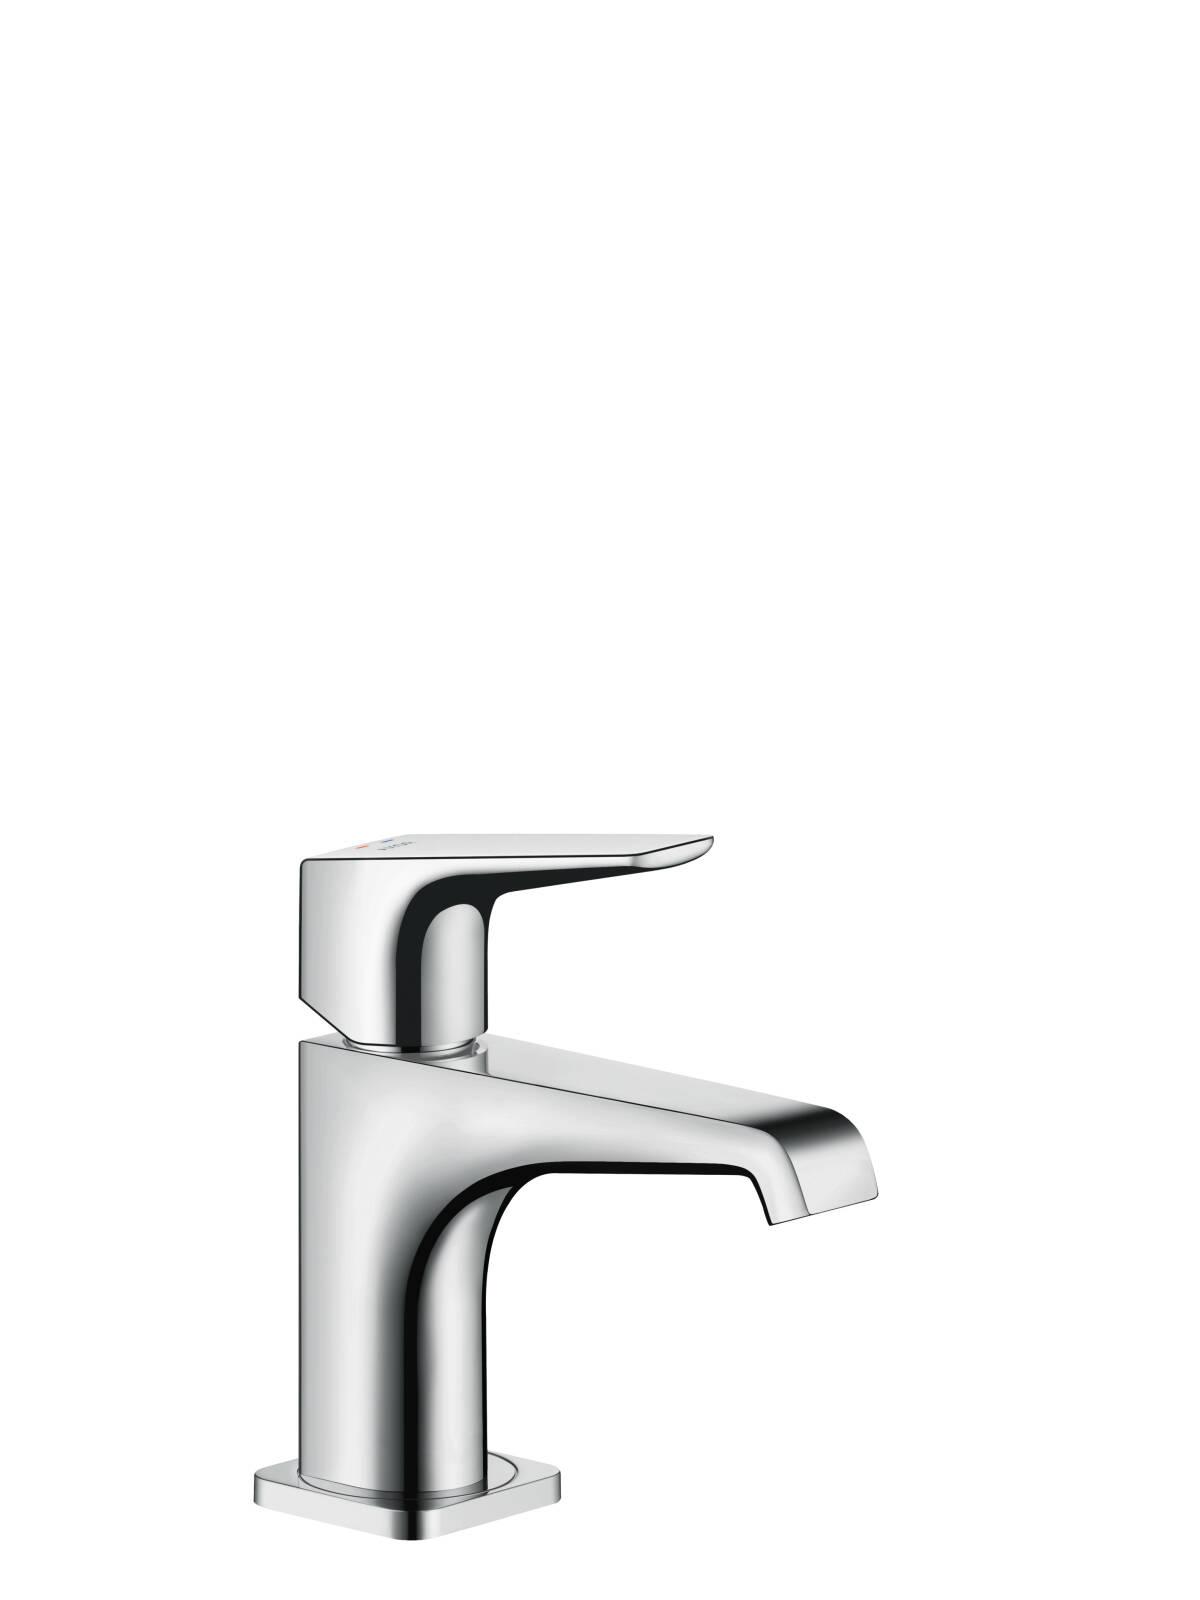 Mezclador monomando de lavabo con manecilla y vaciador, cromo, 36112000